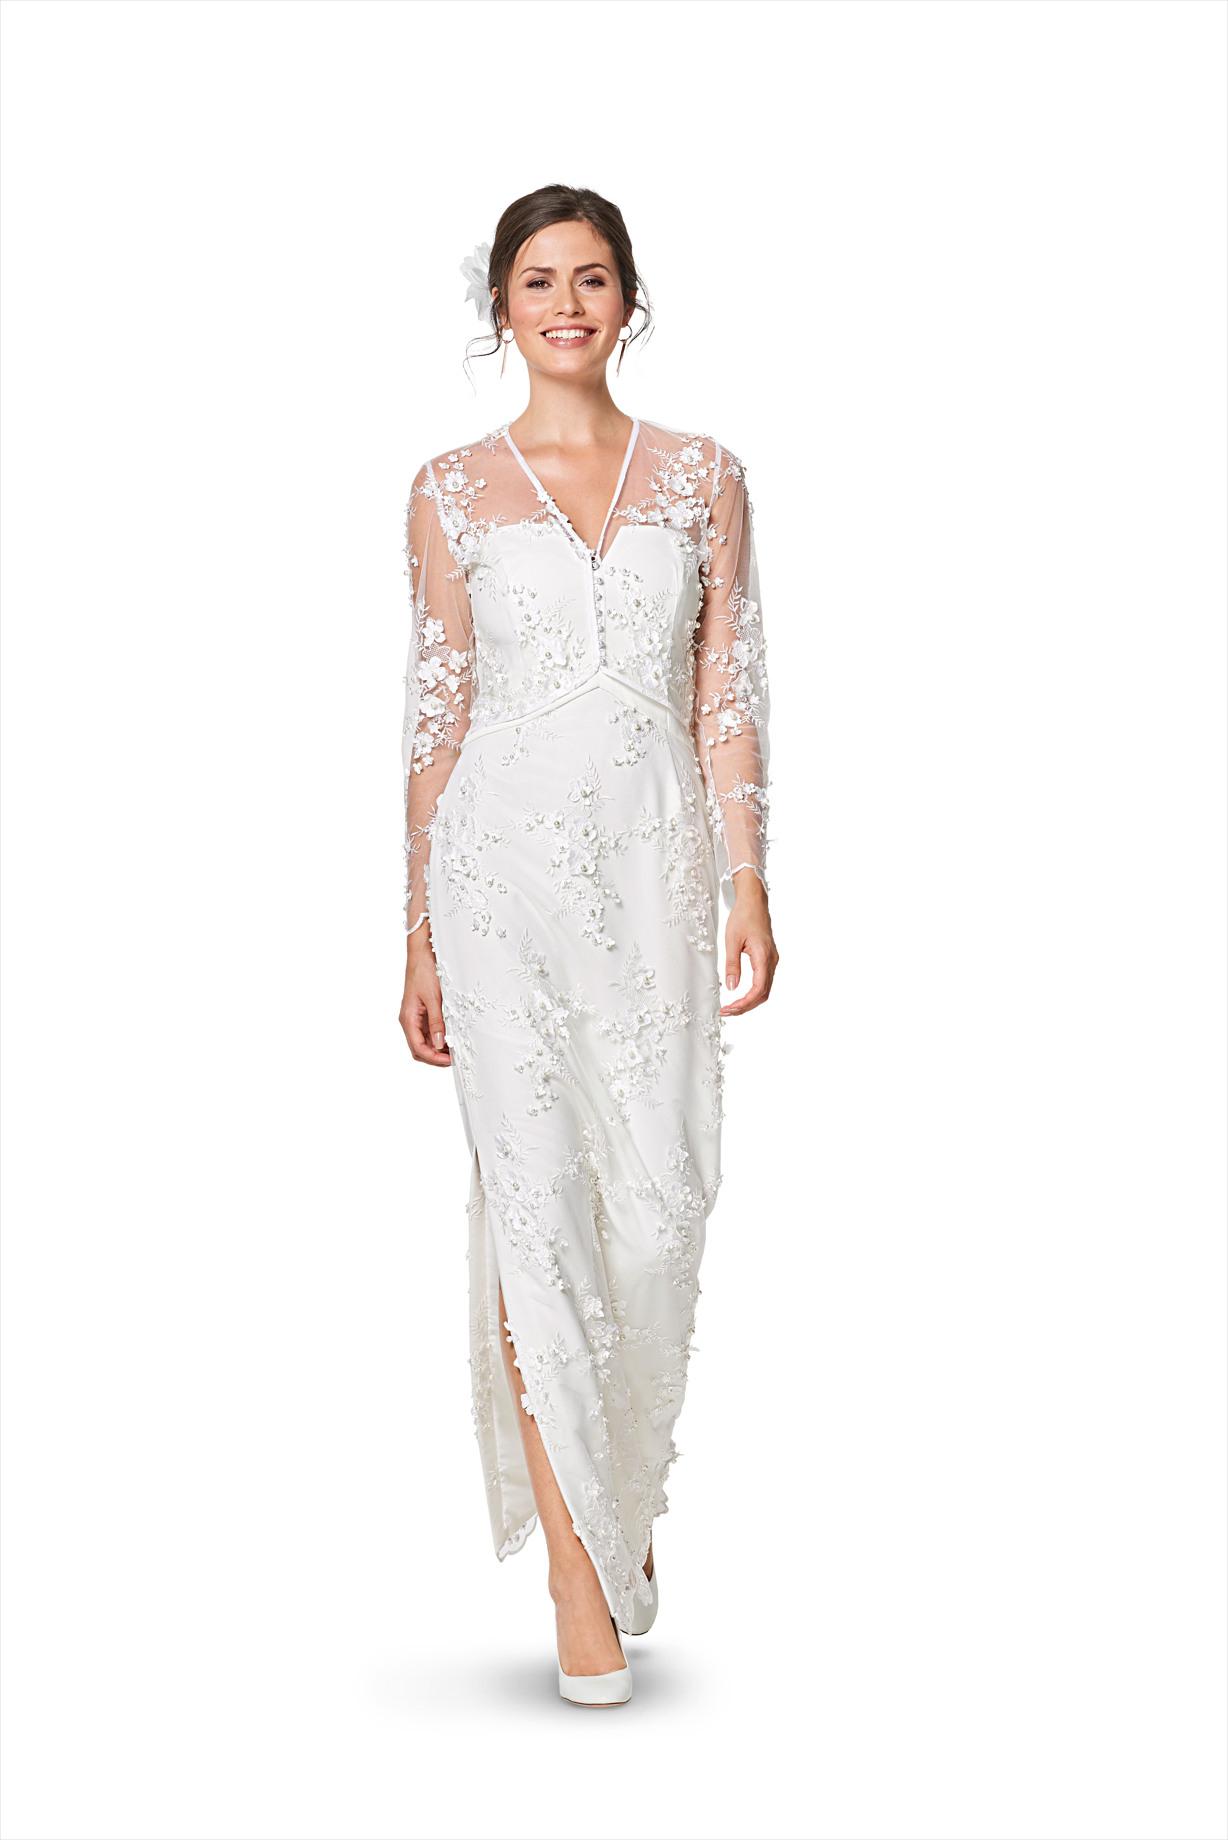 Abend Einfach Abendkleid Jäckchen Ärmel13 Luxurius Abendkleid Jäckchen Stylish